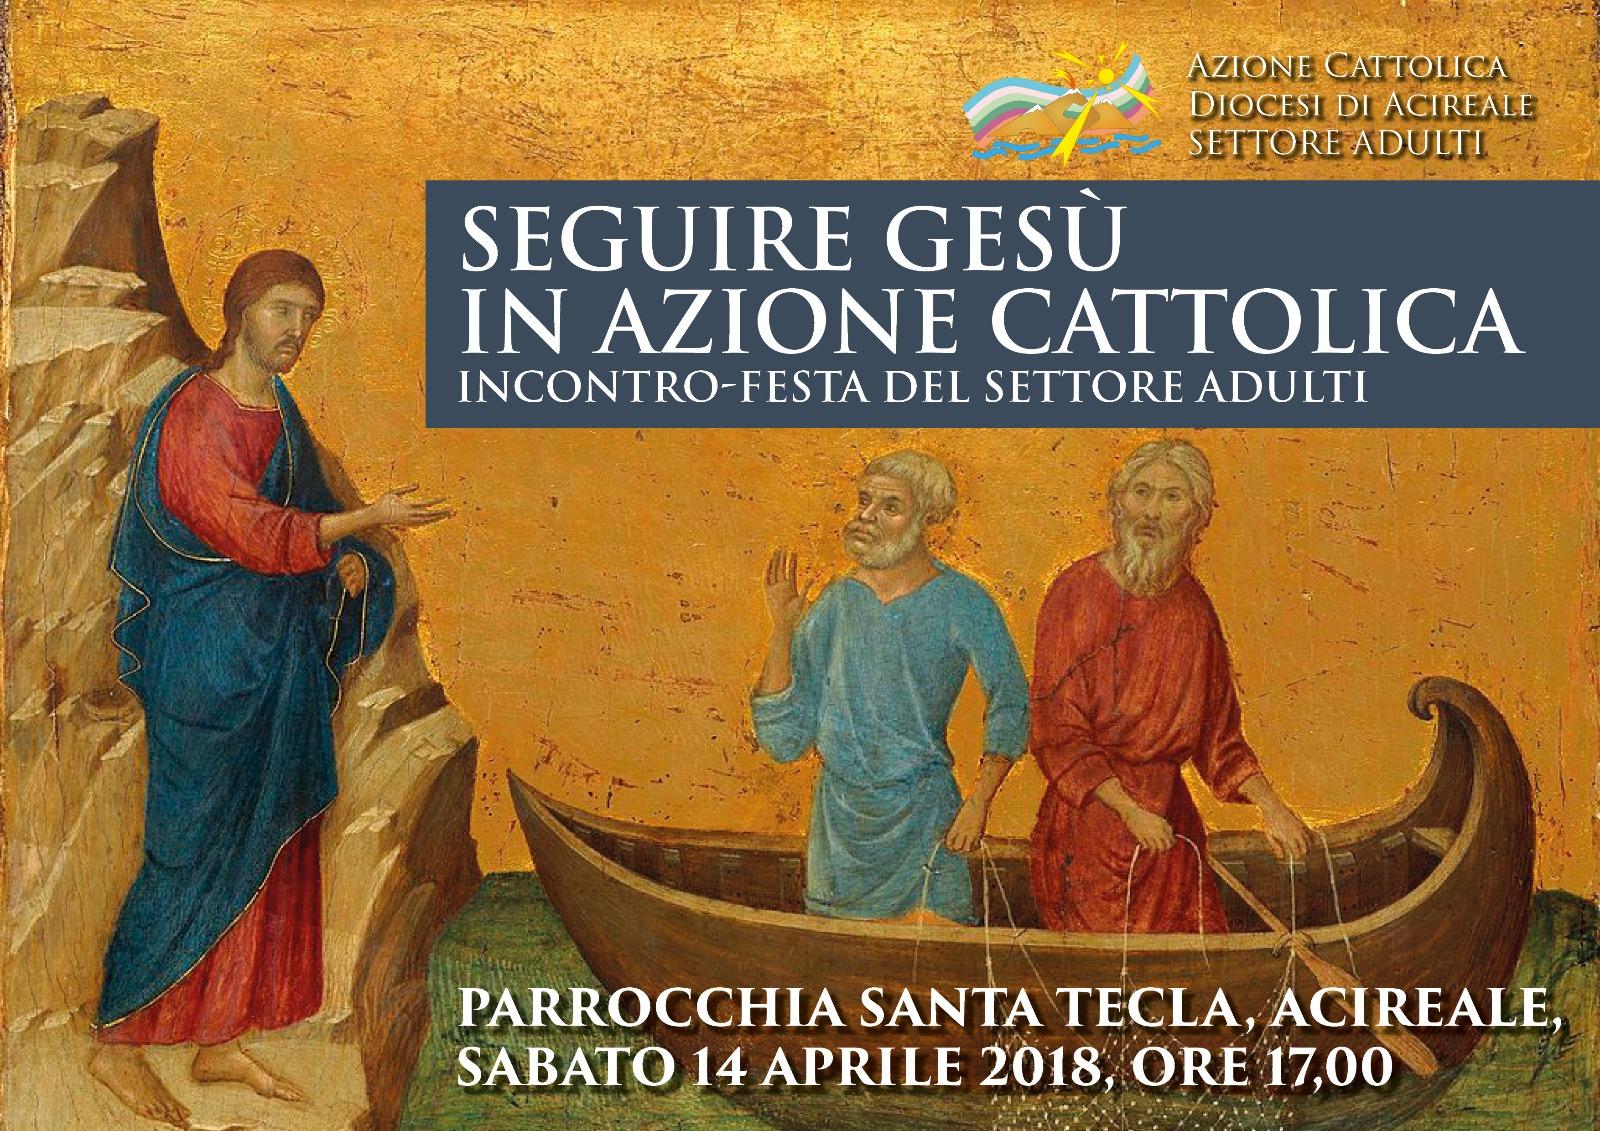 Seguire Gesù in Azione Cattolica: incontro-festa del settore adulti